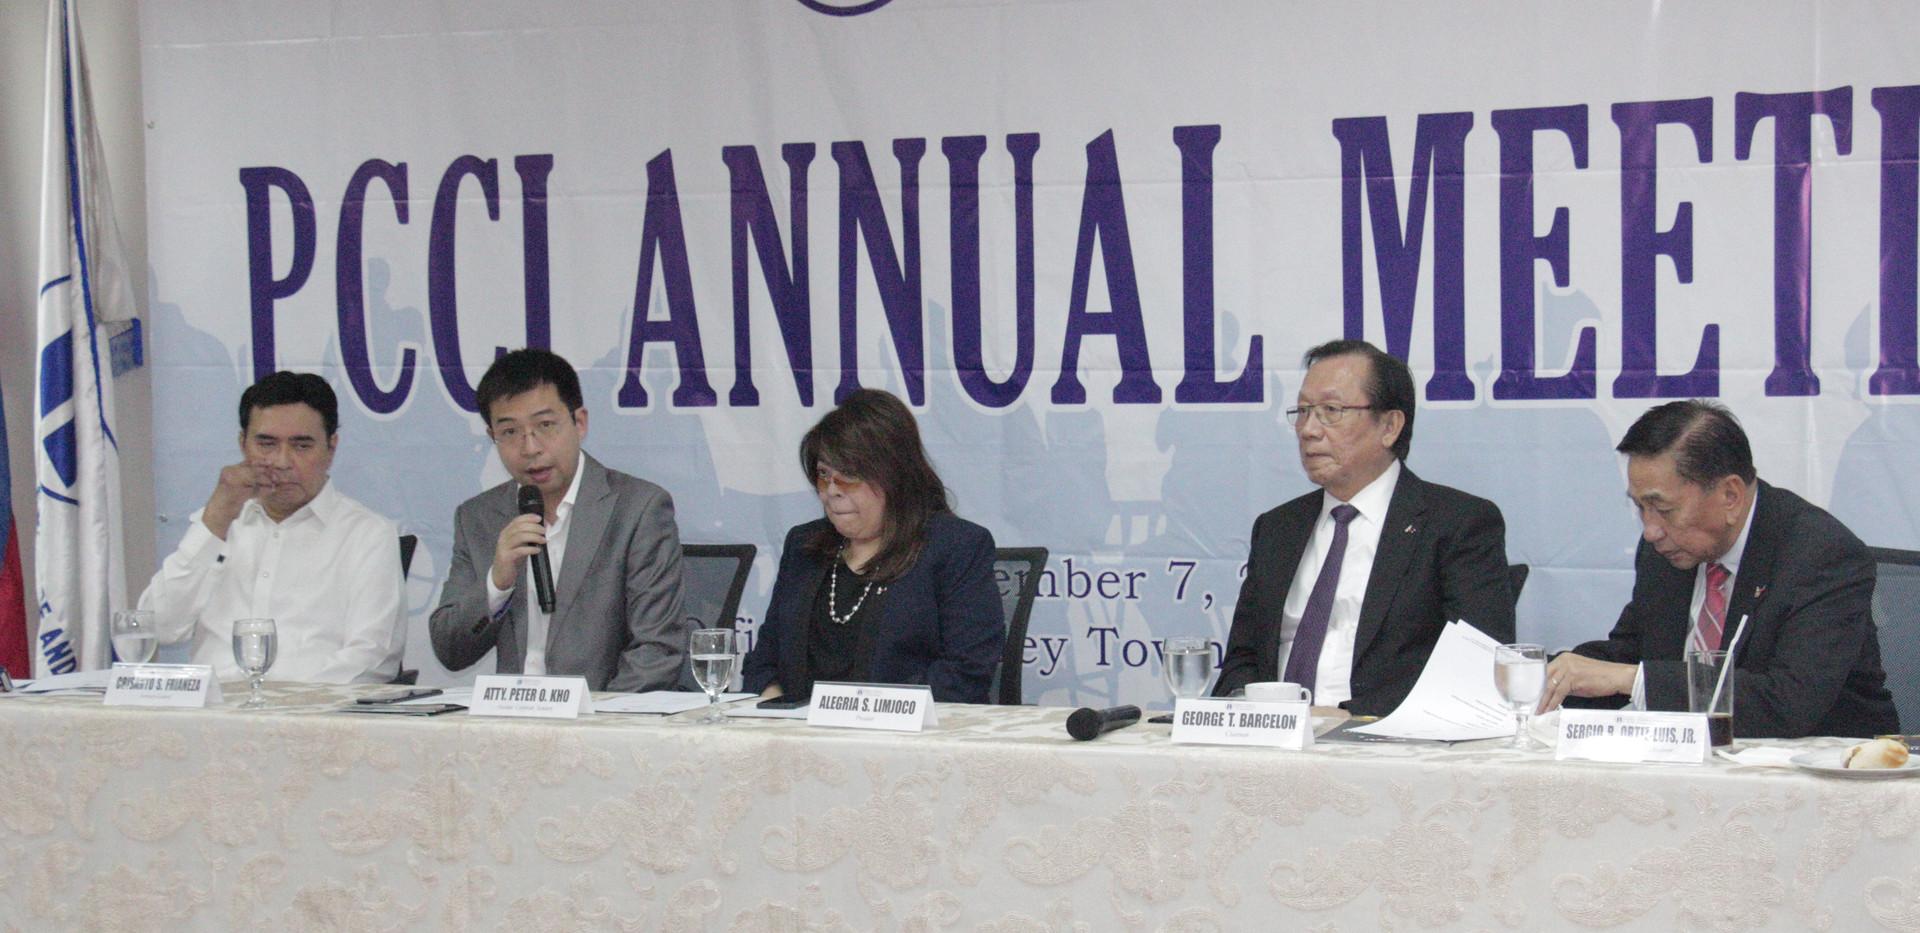 PCCI Annual Meeting 1.JPG